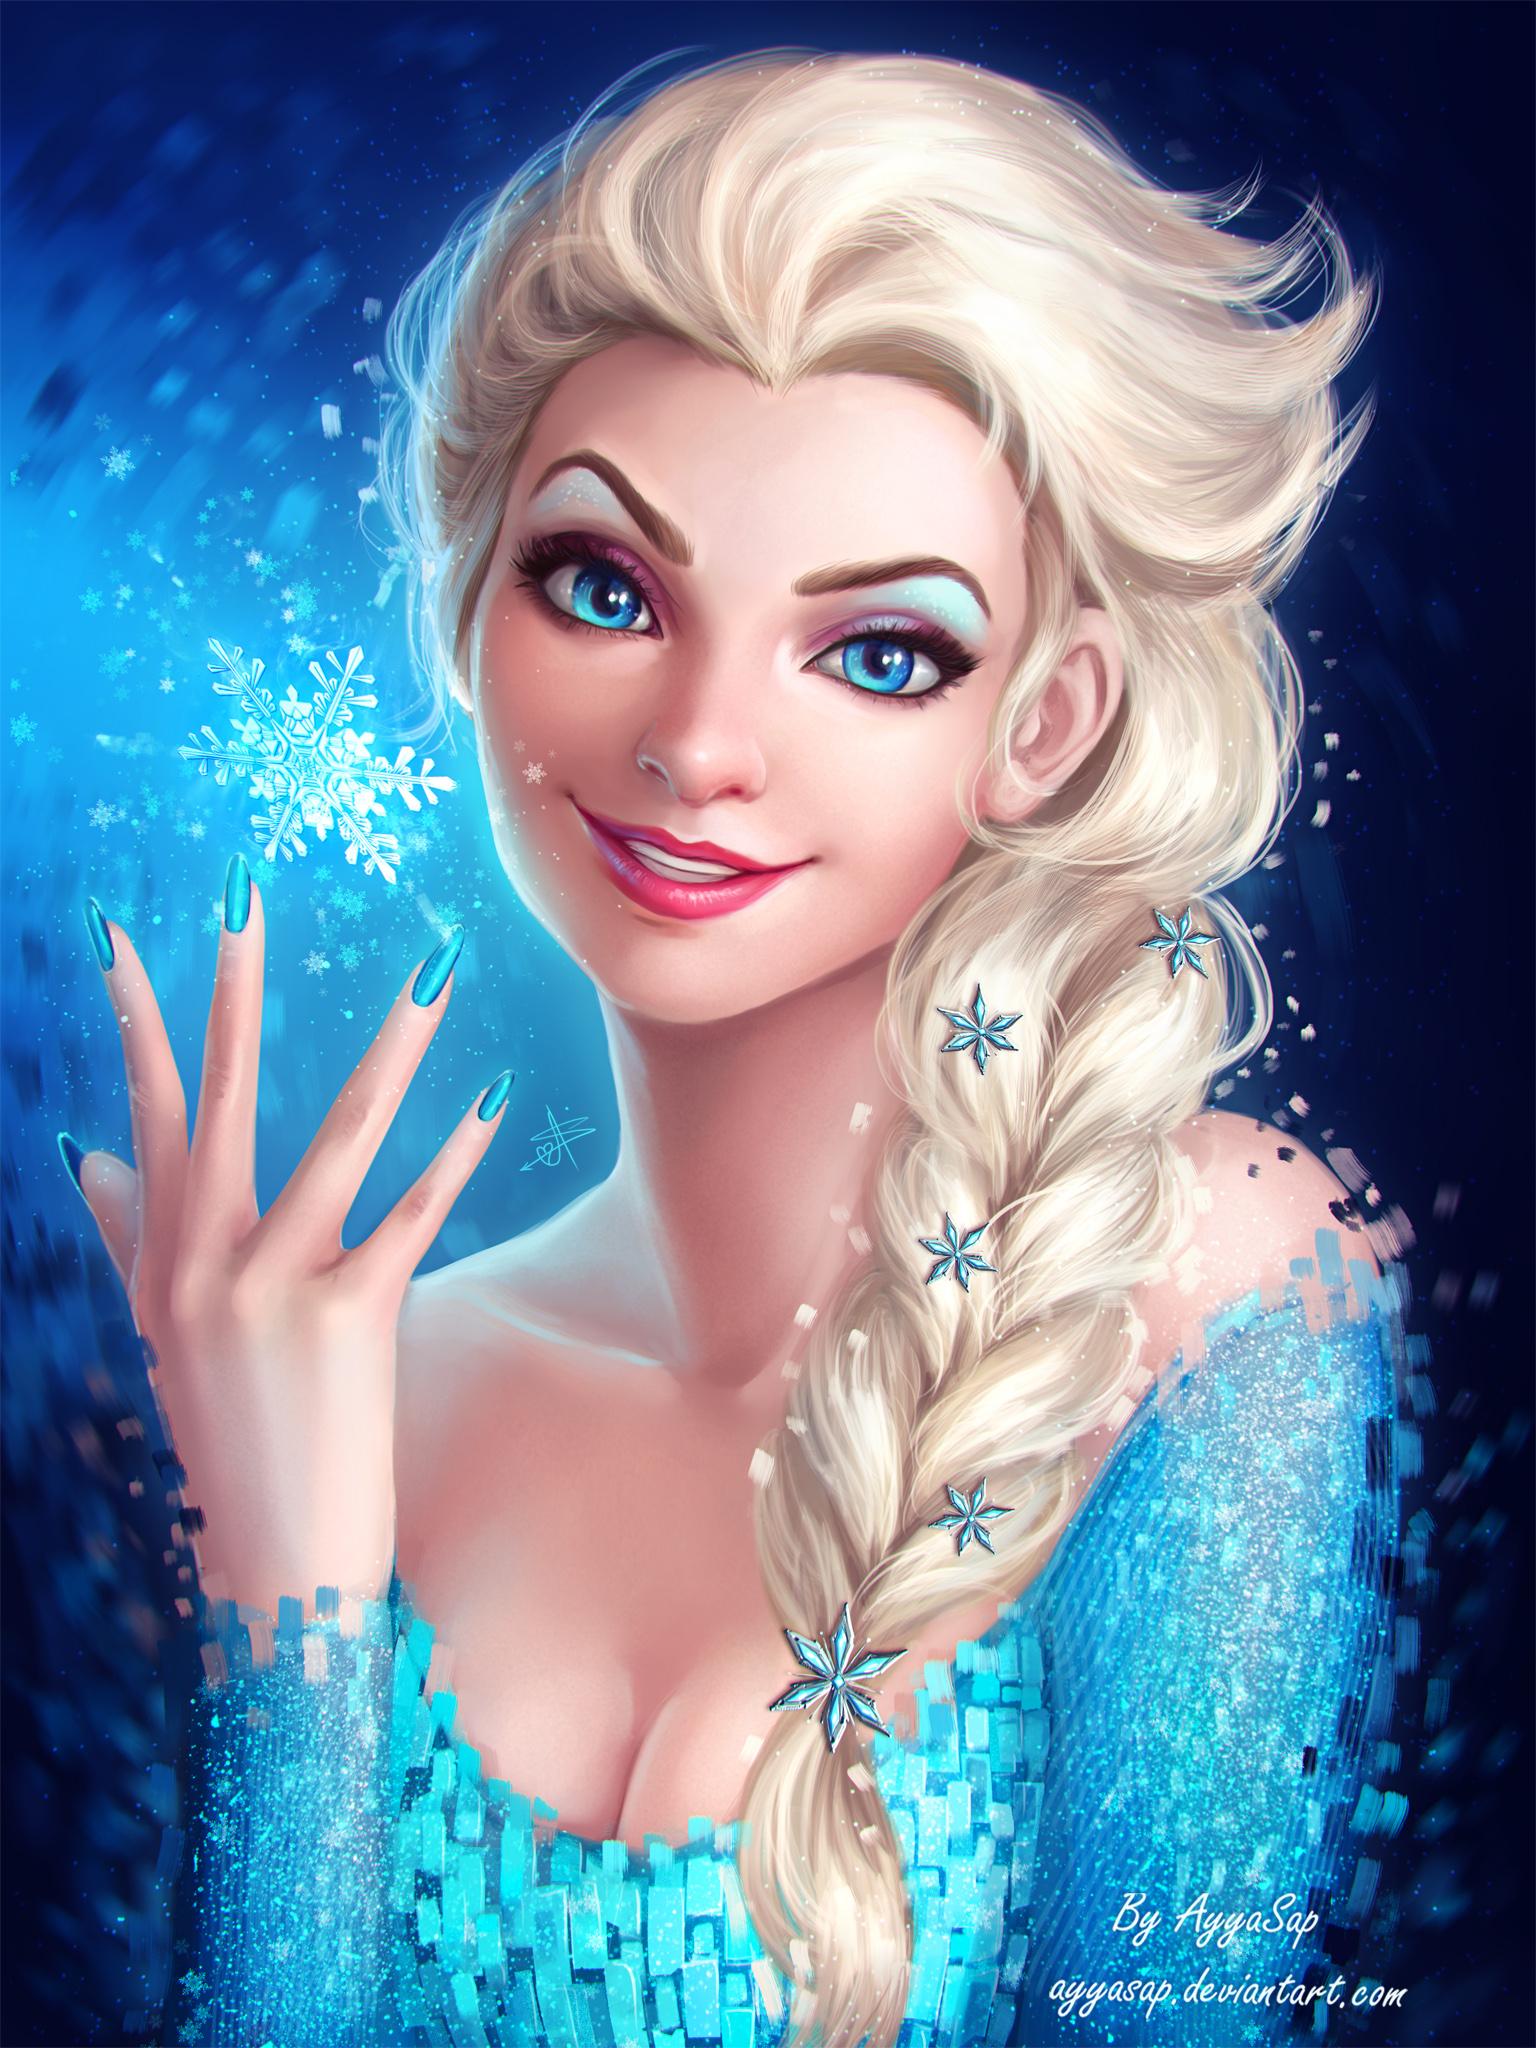 Elsa frozen by ayyasap on deviantart elsa frozen by ayyasap elsa frozen by ayyasap voltagebd Choice Image